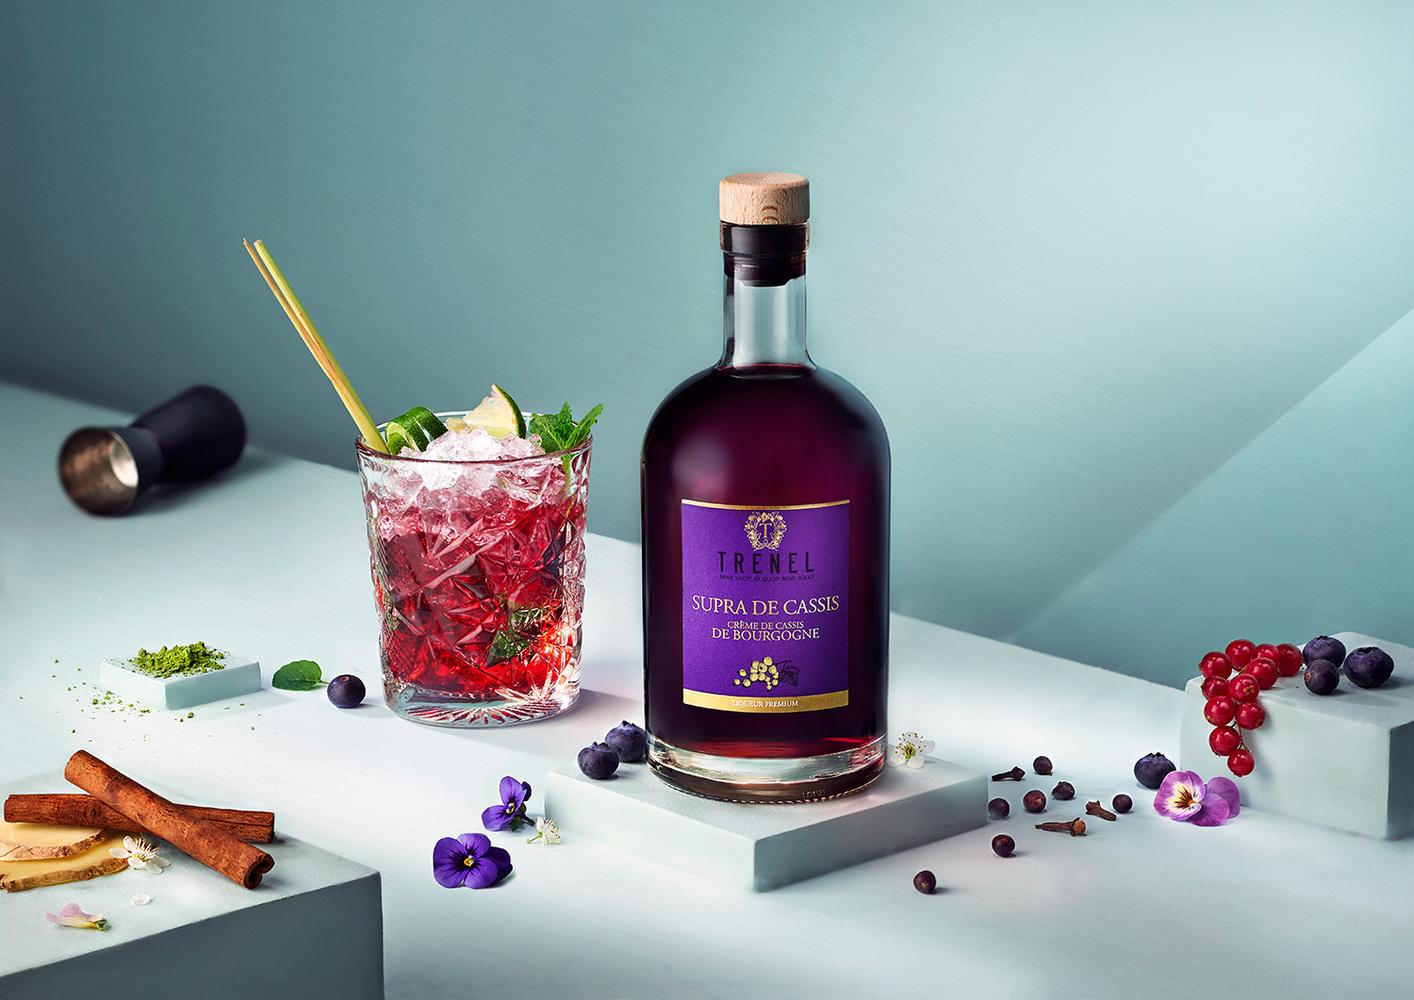 Trenel-Fruit liquor by Wesley Dombrecht